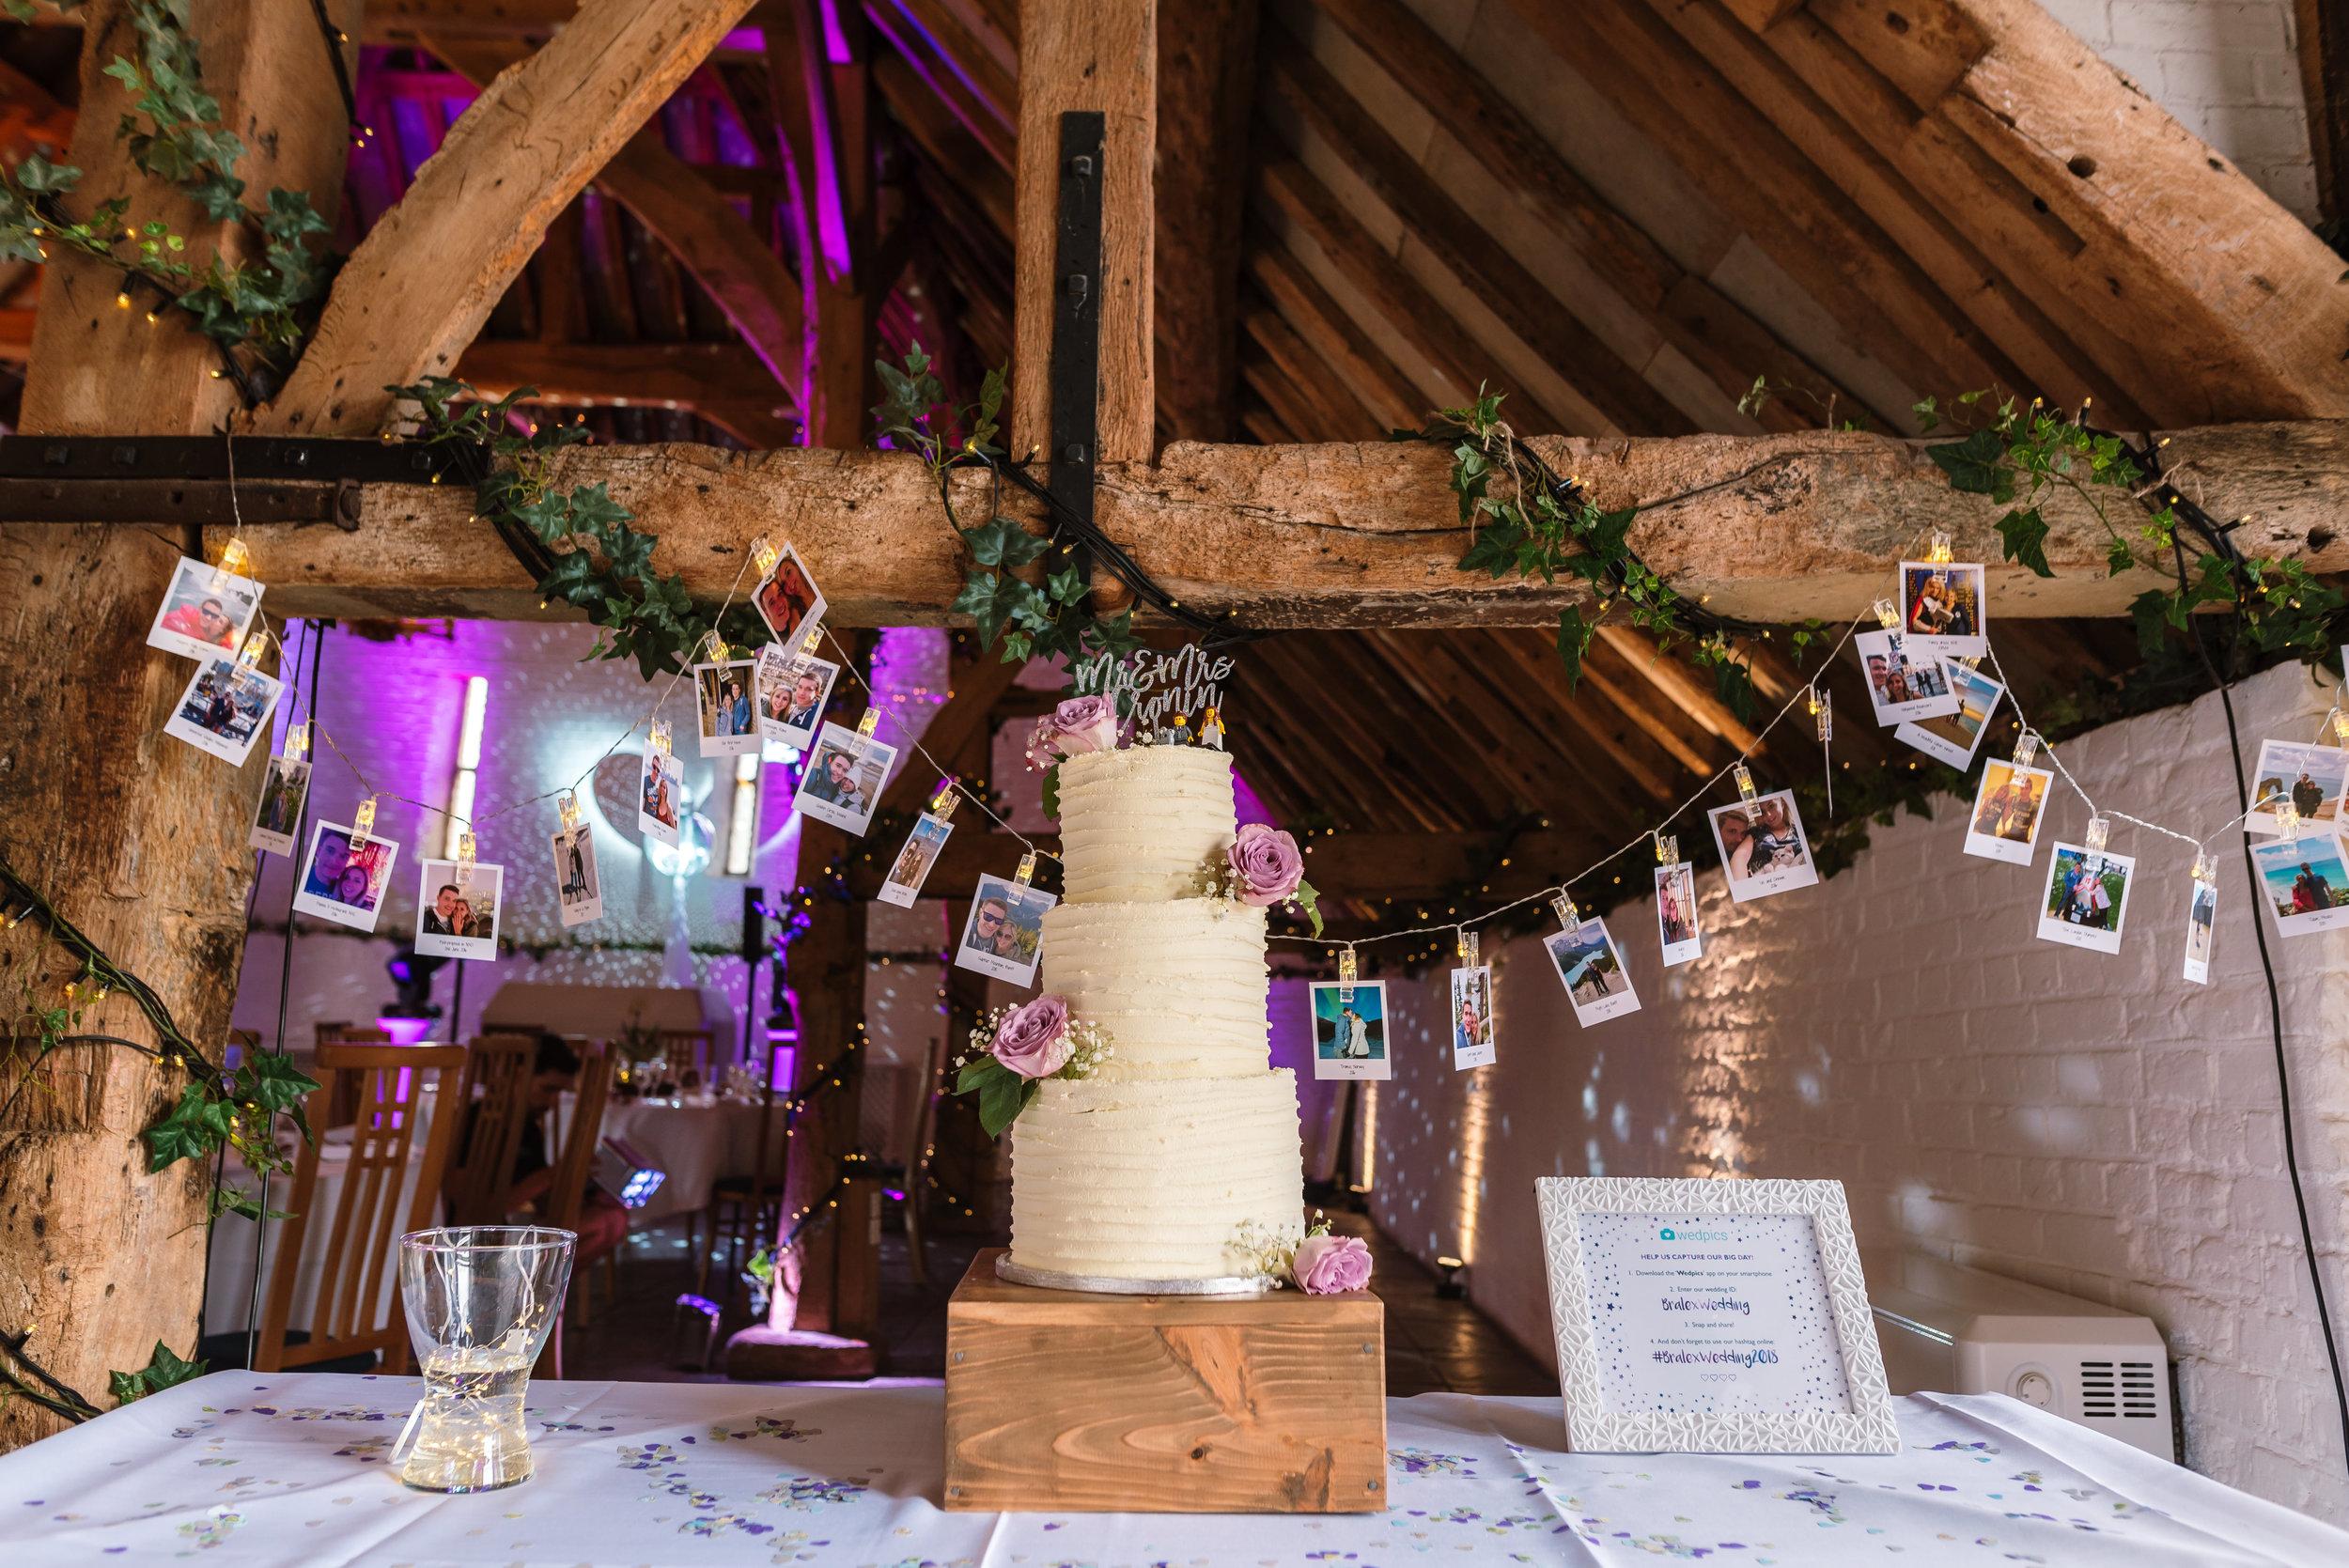 Hampshire Wedding Photographer Hampshire : Ufton-Court-Wedding : Barn-wedding-venue-hampshire : sarah-fishlock-photography : hampshire-barn-wedding-665.jpg